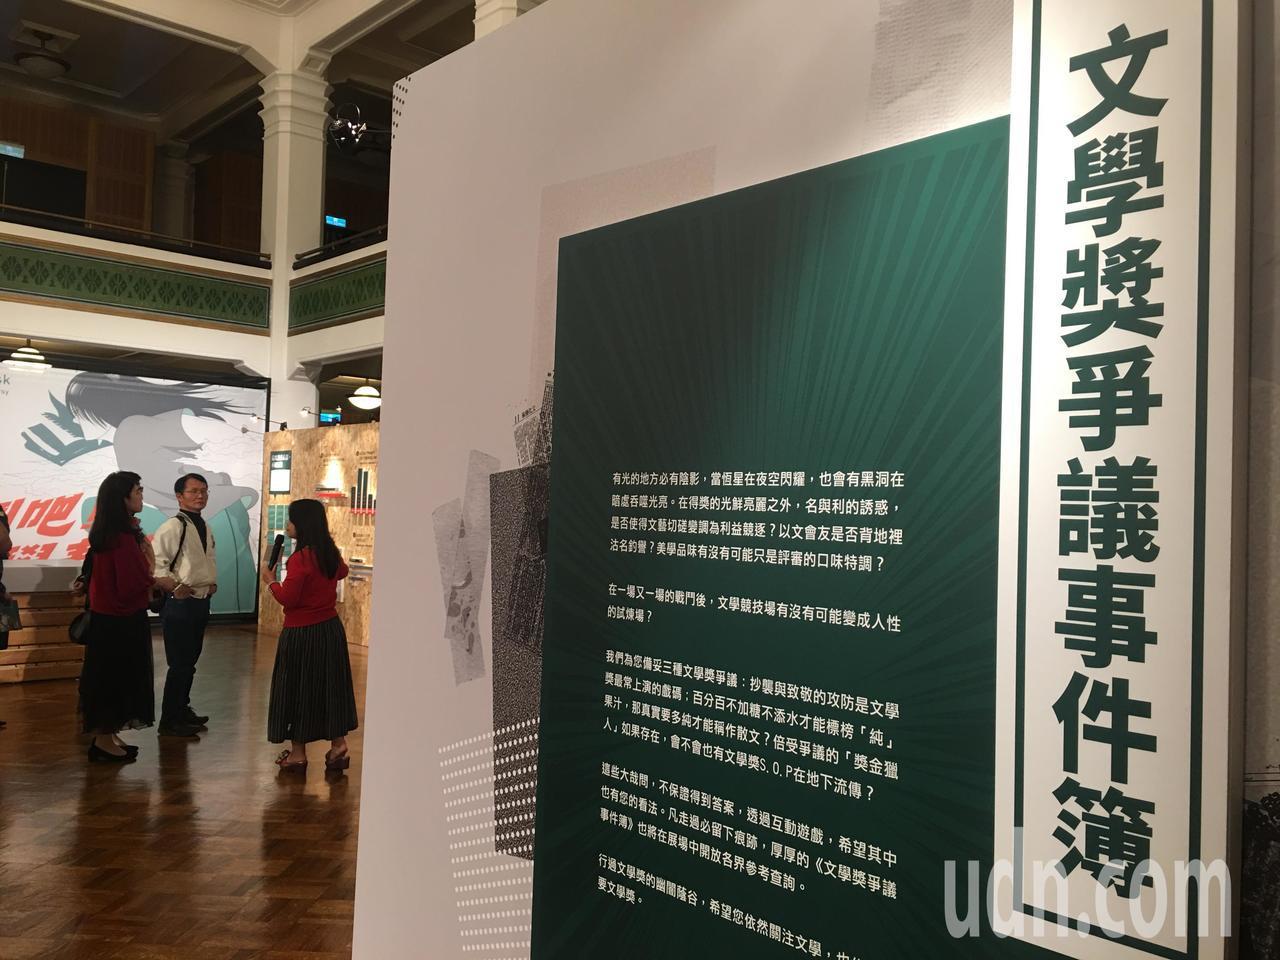 台北市文學獎慶祝二十週年所舉辦「戰鬥吧!文學青年:文學獎的光明與幽闇」特展做了大...